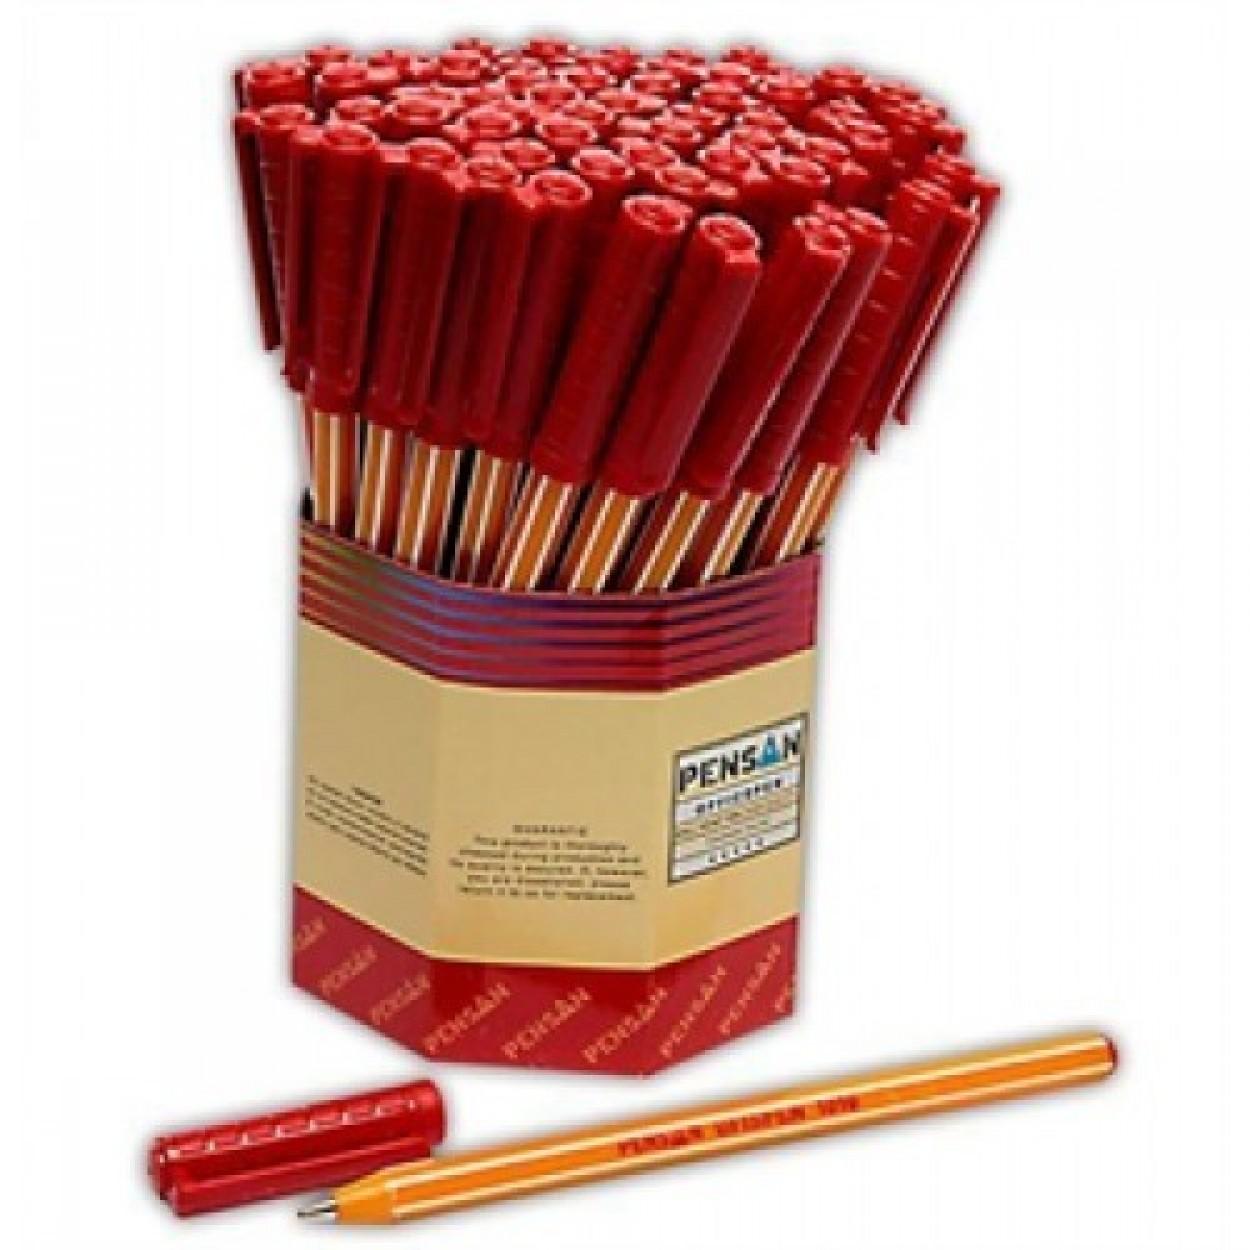 Pensan 1010 Tükenmez Kalem Kırmızı 60 Lı Kutu